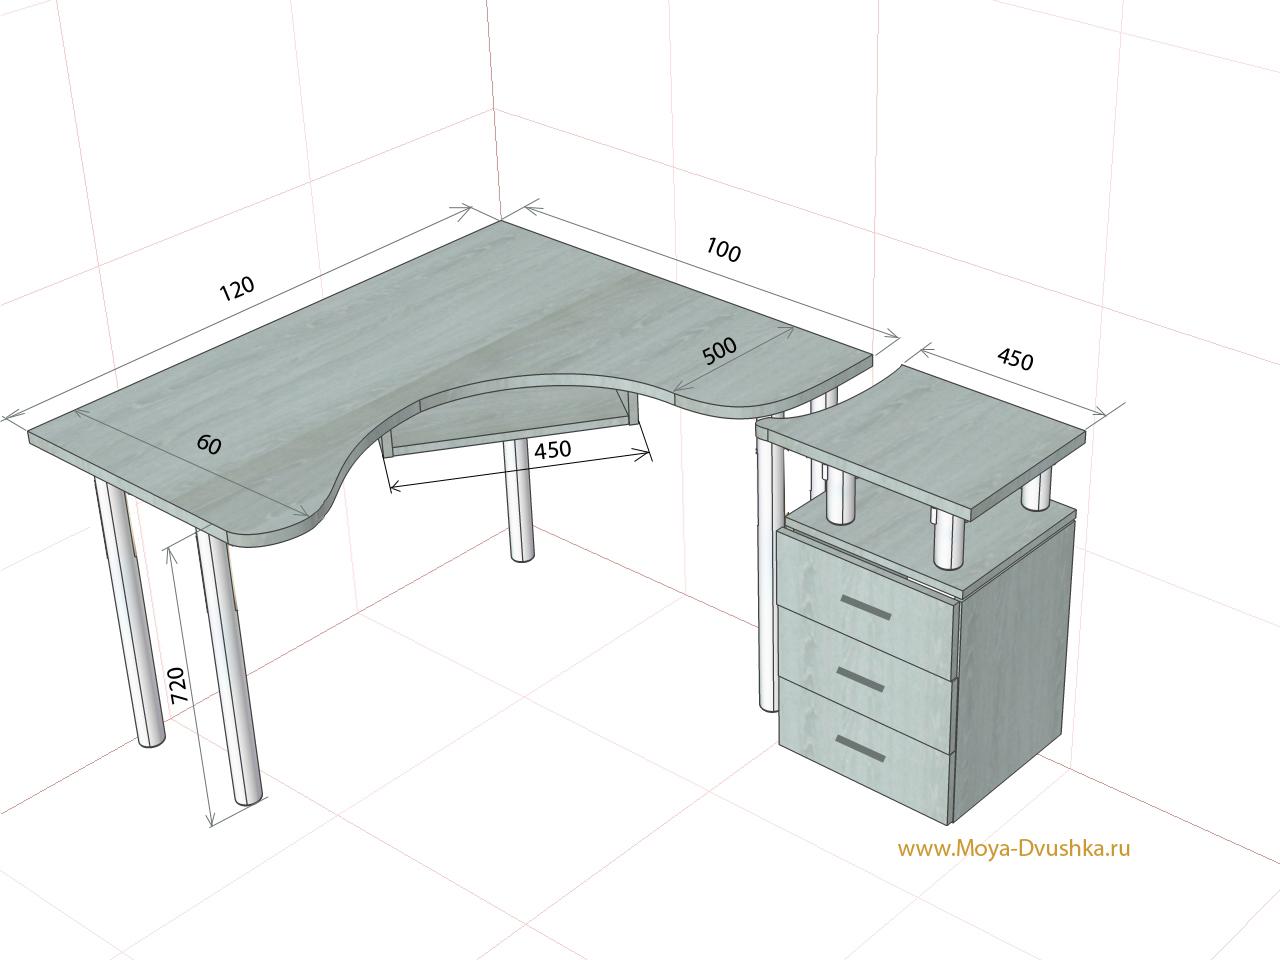 Стол офисный угловой размеры free.